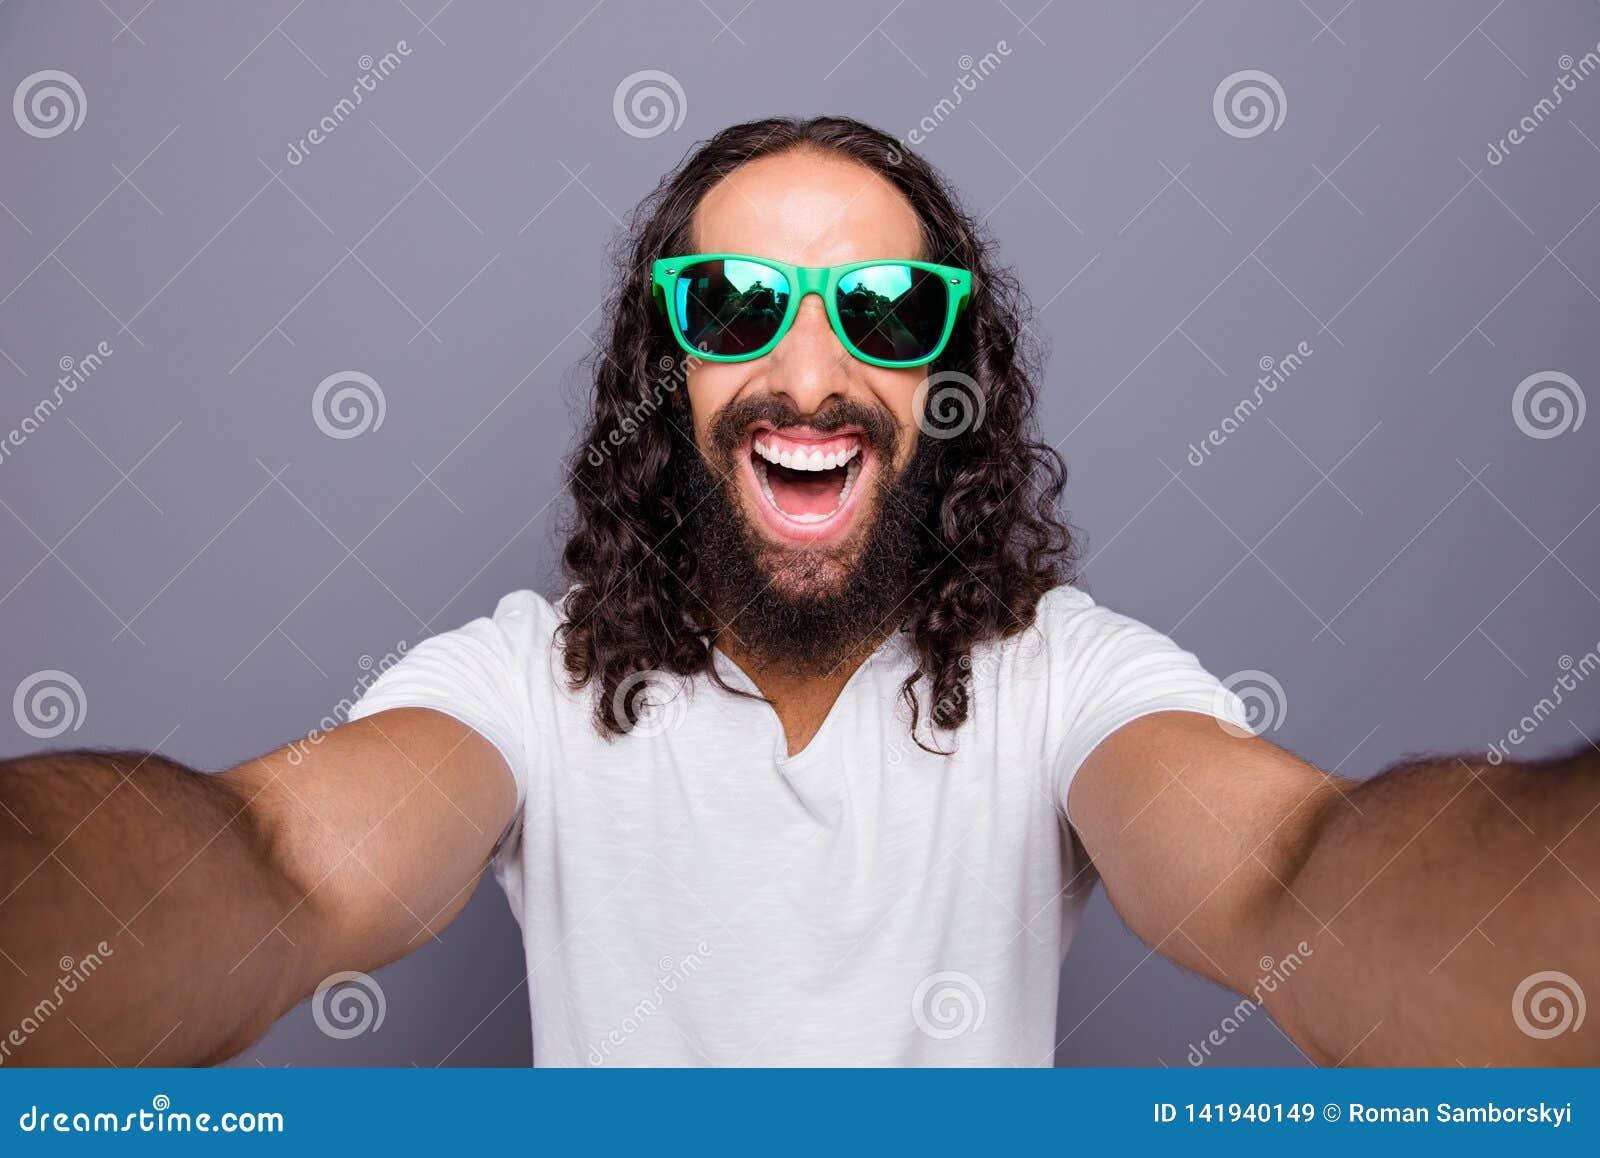 Μόνος-πορτρέτο δικοί του αυτός συμπαθητικός καθιερώνων τη μόδα ελκυστικός εύθυμος χαρωπός ενθουσιασμένος κατσαρός τουρισμός τουρι